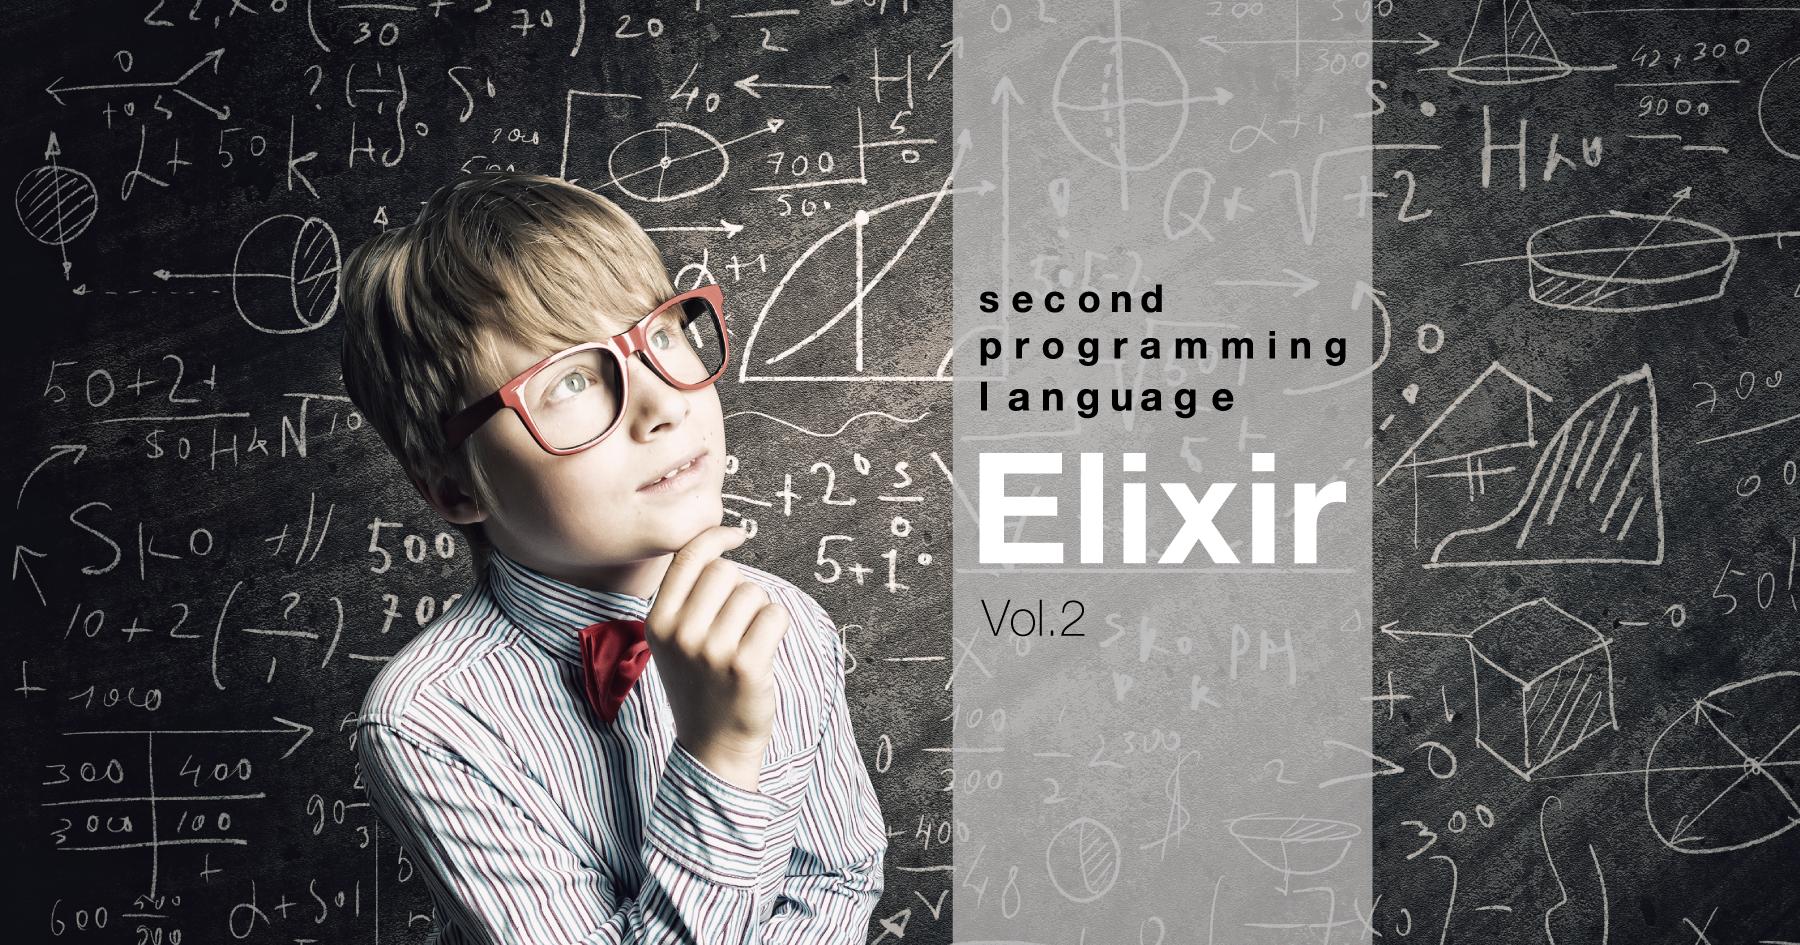 第二言語としてのElixir Vol. 2